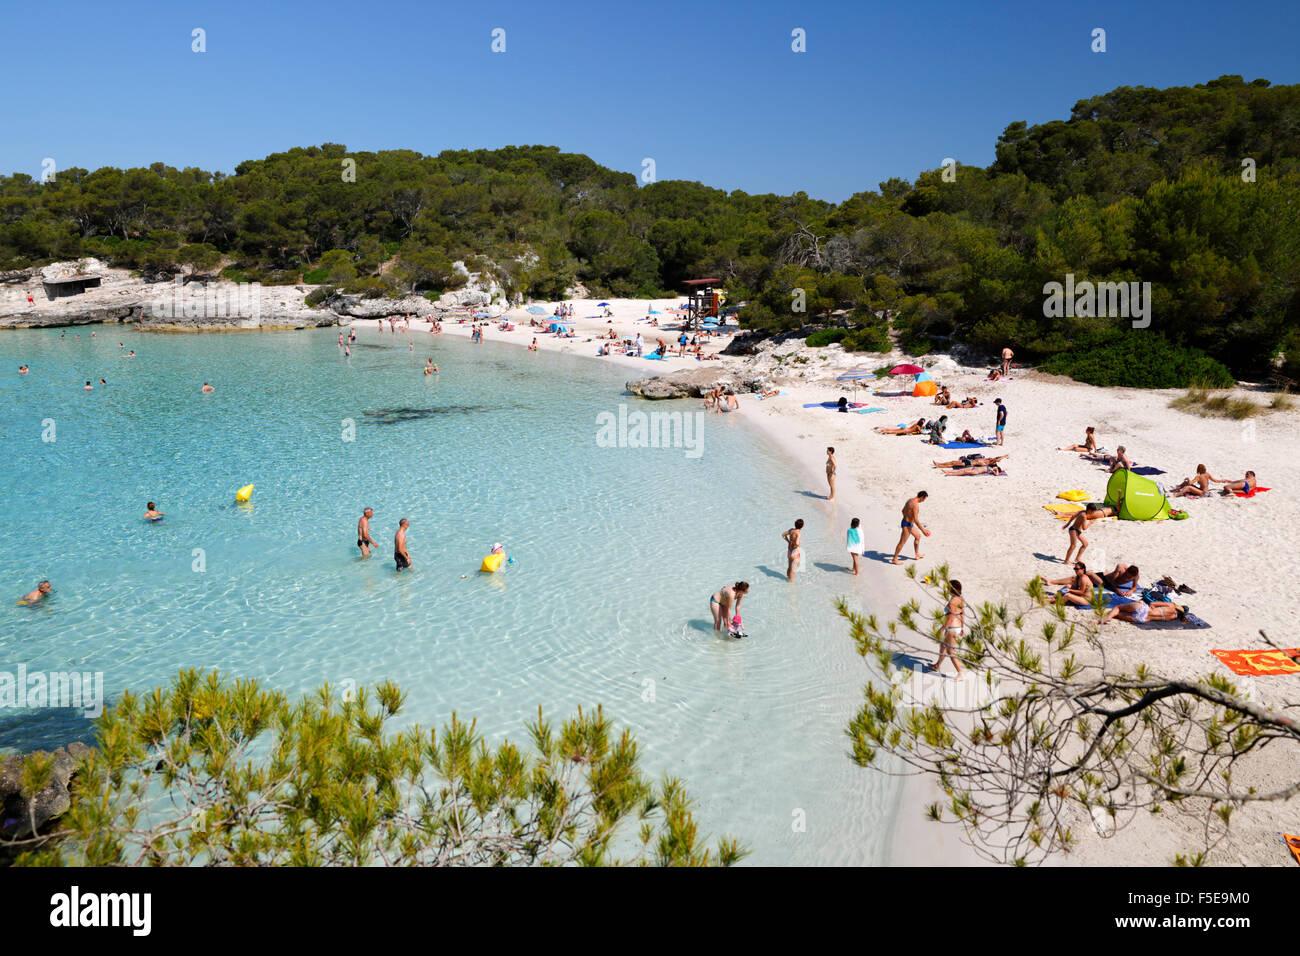 Cala en Turqueta, south west Coast, near Ciutadella, Menorca, Balearic Islands, Spain, Mediterranean, Europe - Stock Image